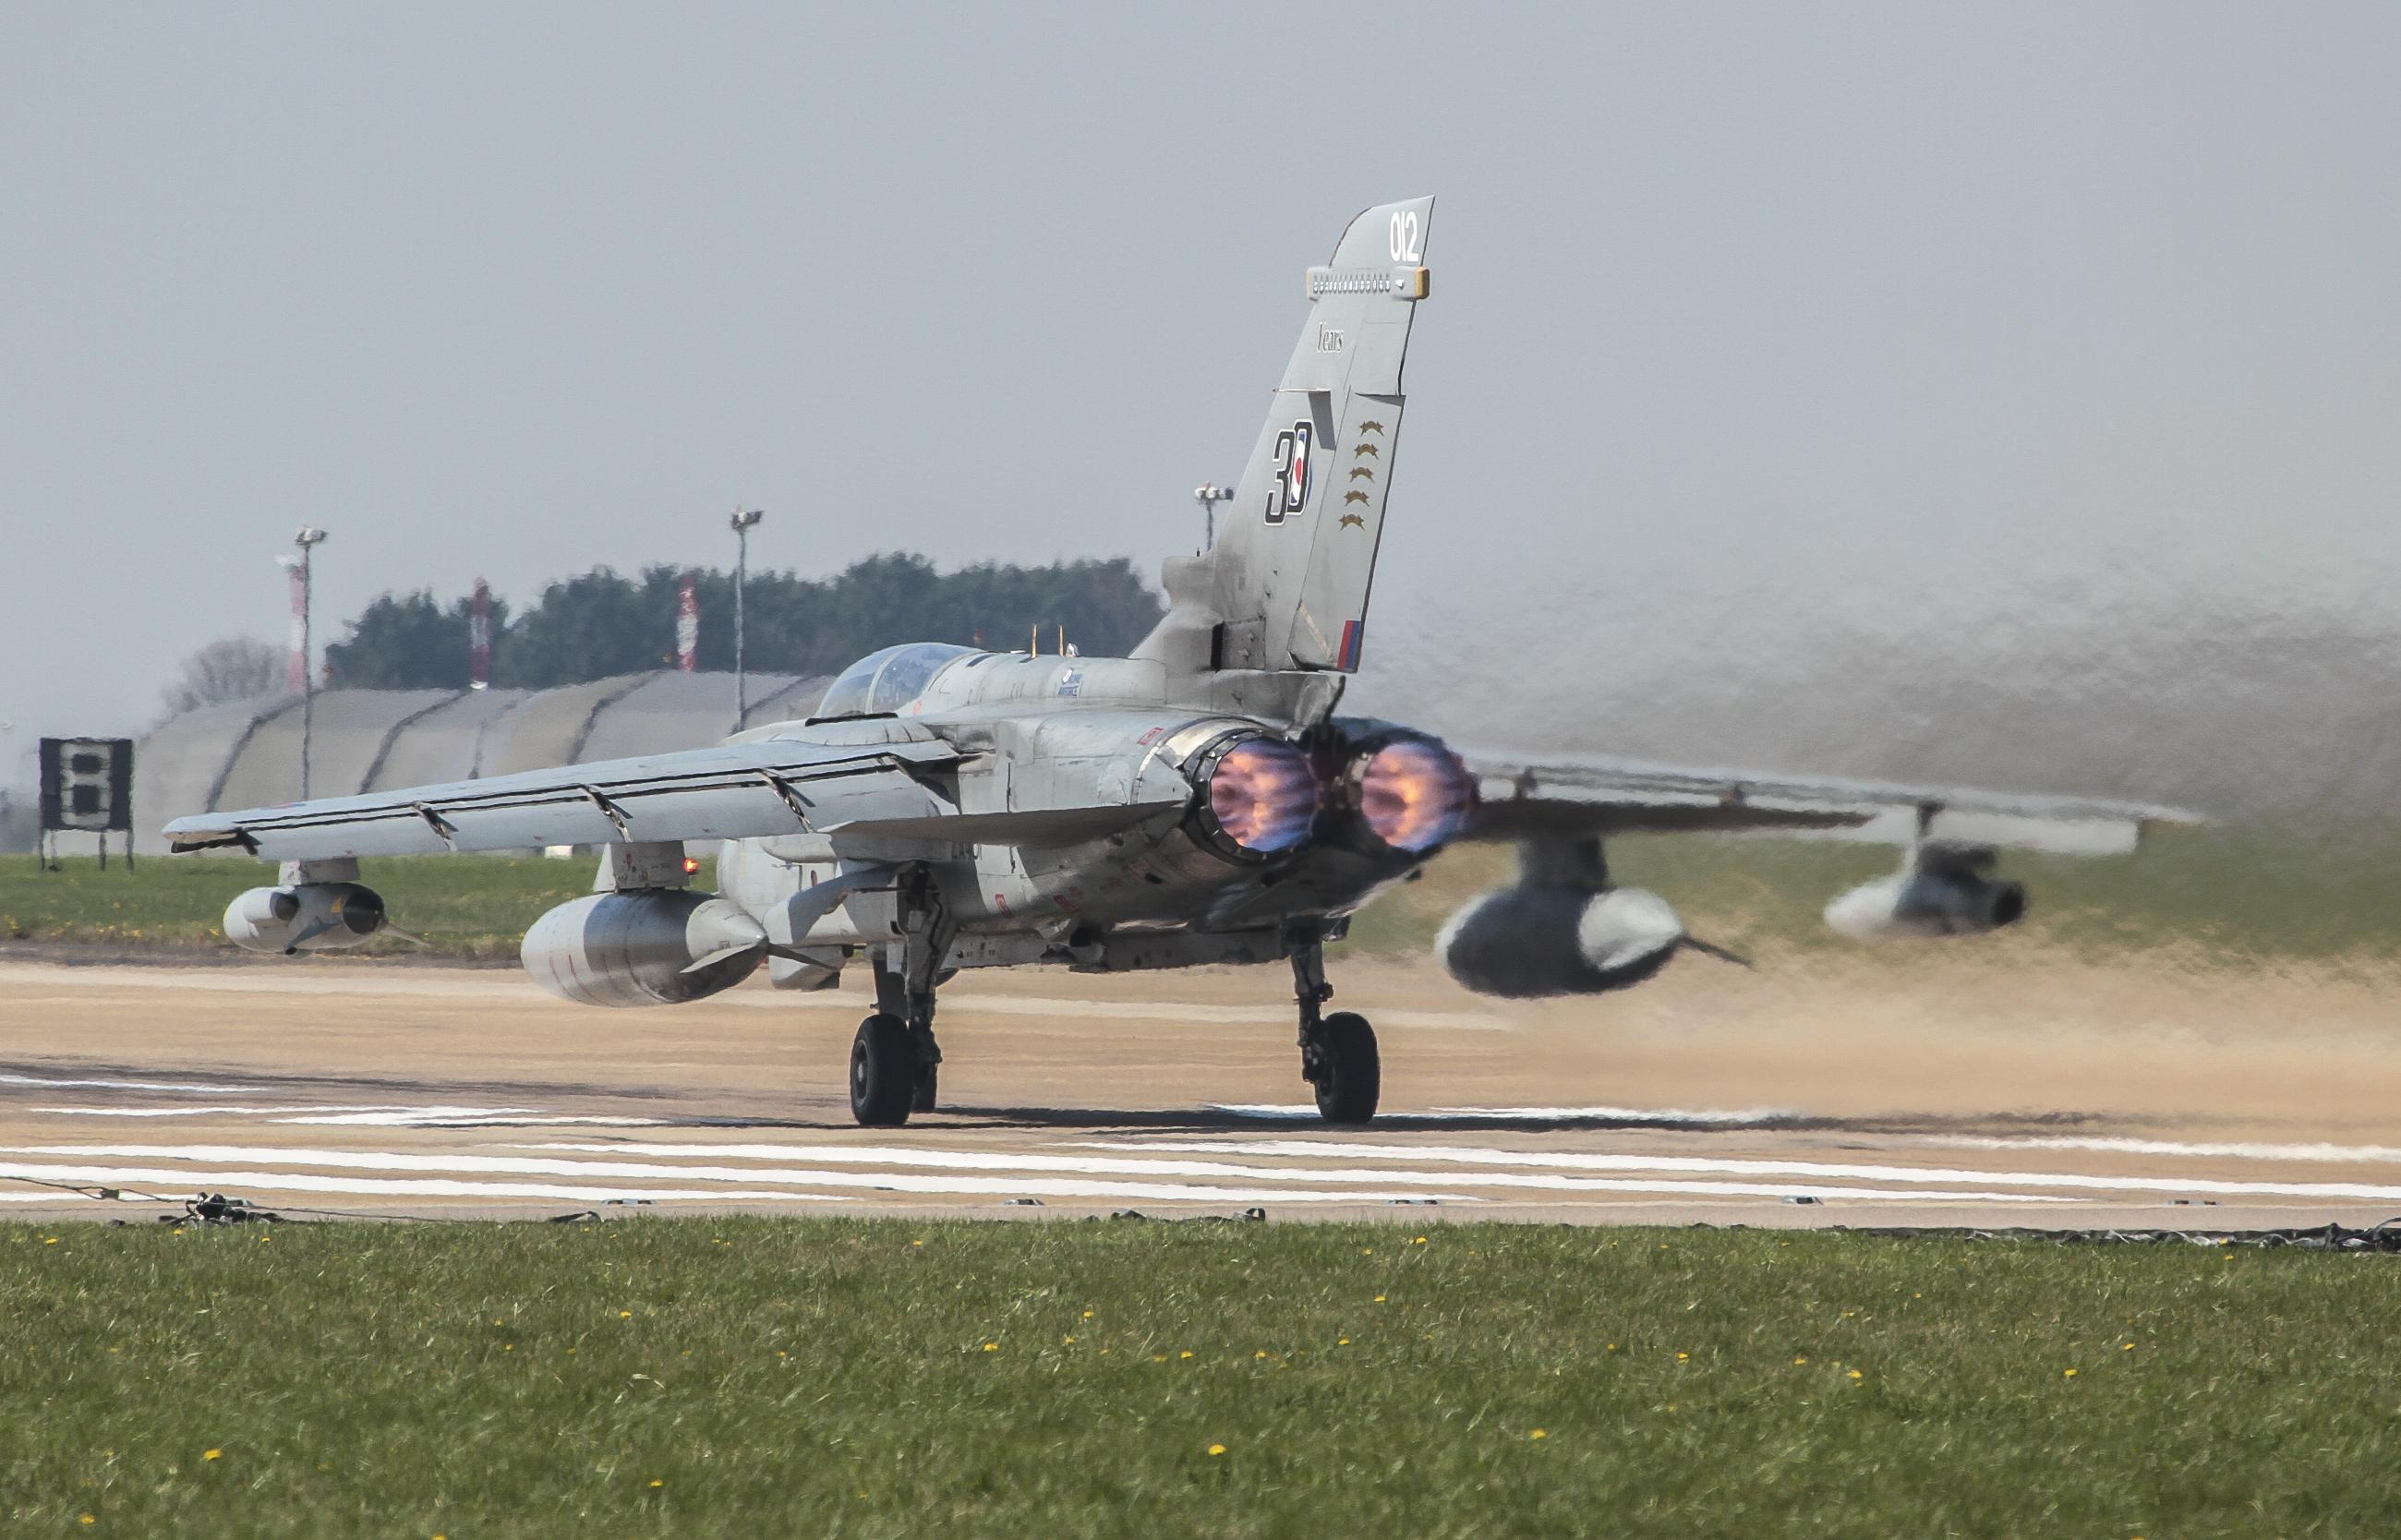 B059 RAF Tornado